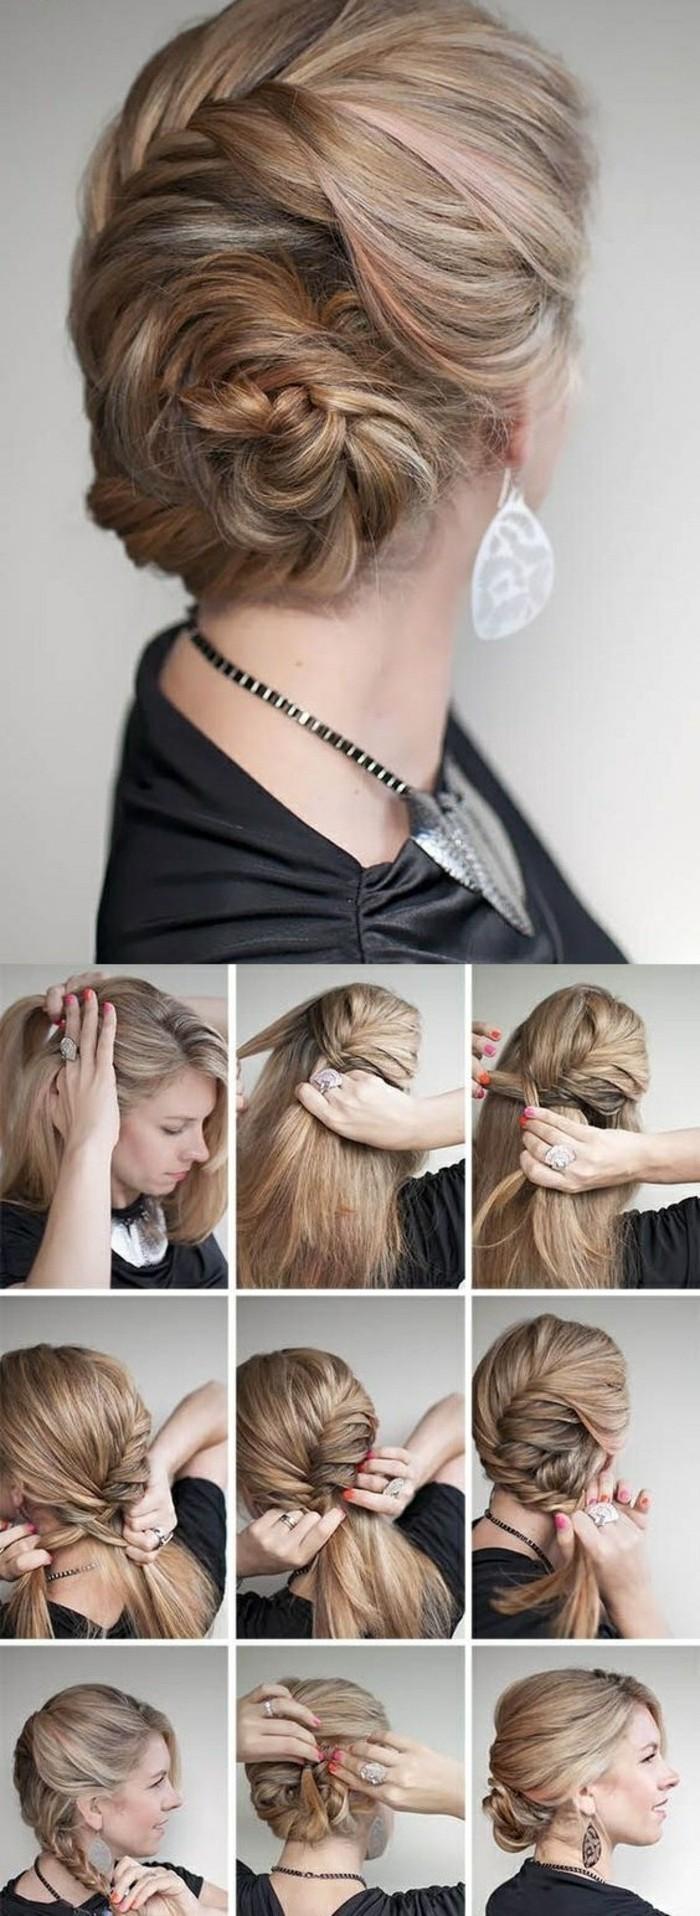 peinados faciles pelo largo paso, peinados de moda para hacer en casa, recogido trenzado